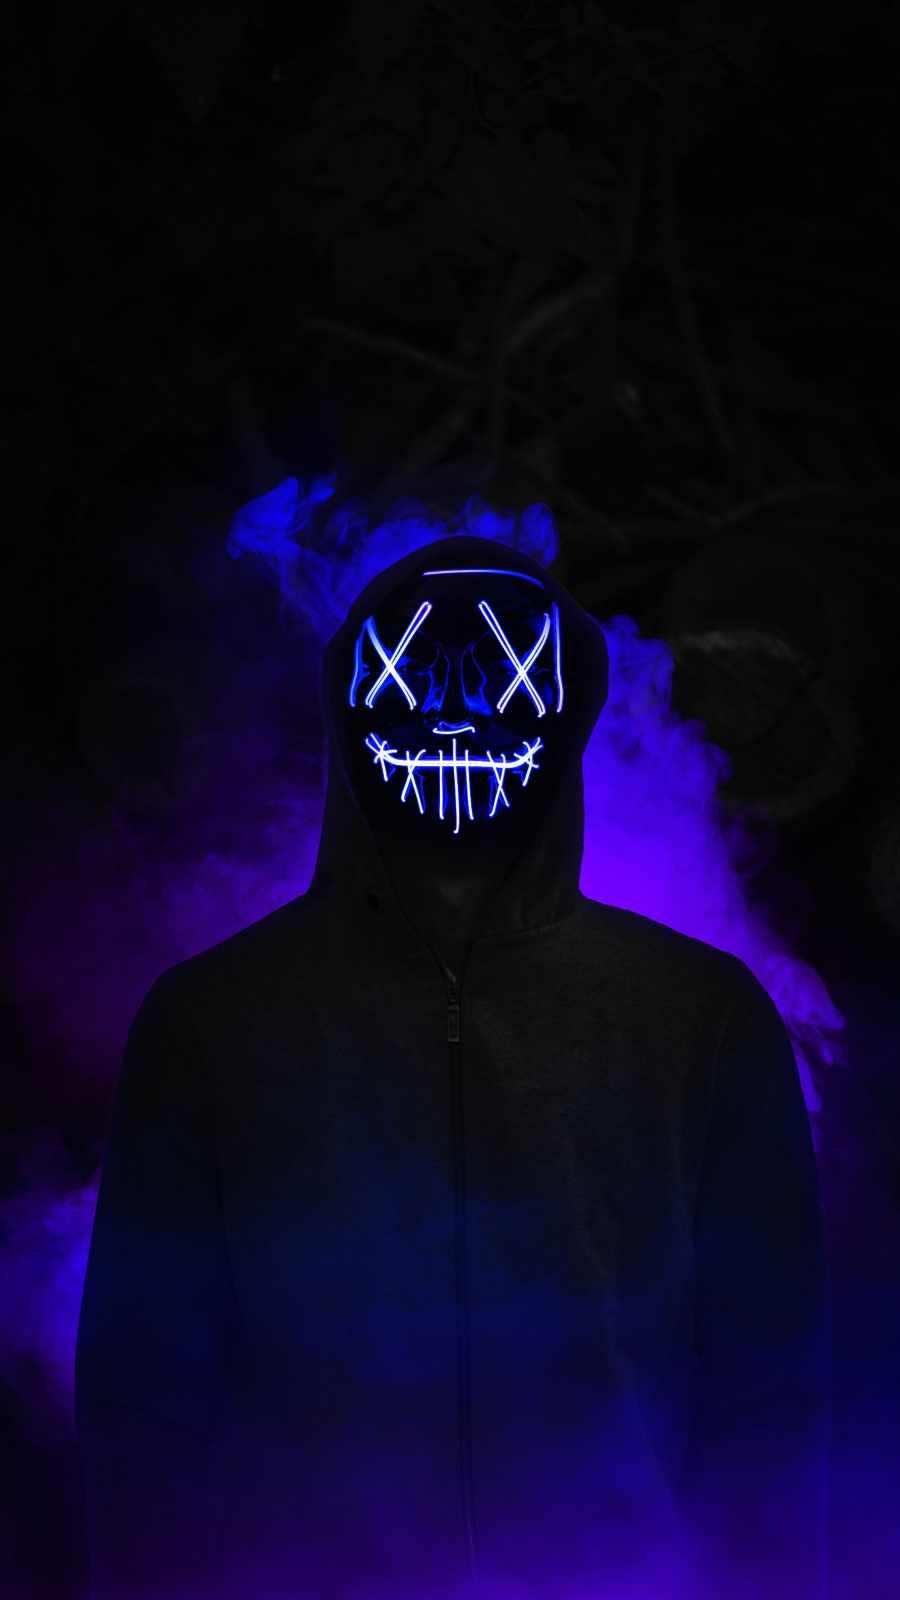 Neon Mask Hoodie Guy Smoke